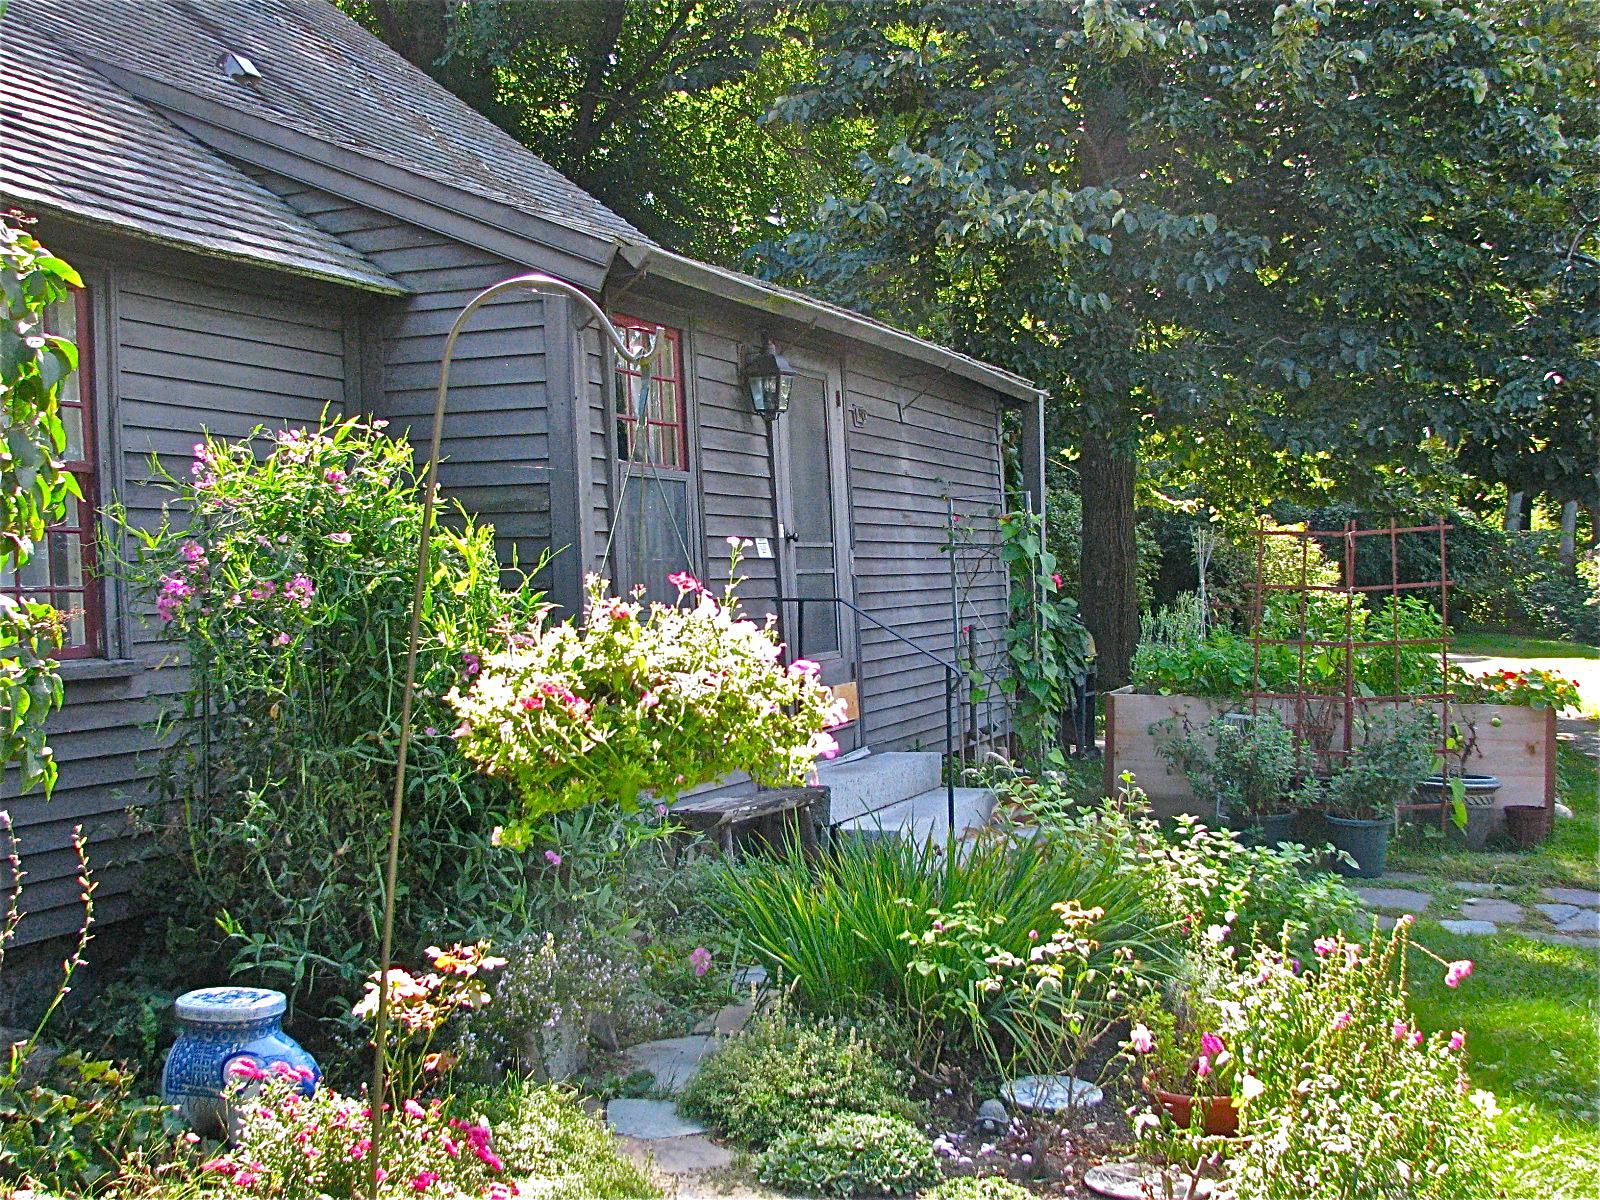 Ipswich Garden Club Volunteer Gardening Help Wanted